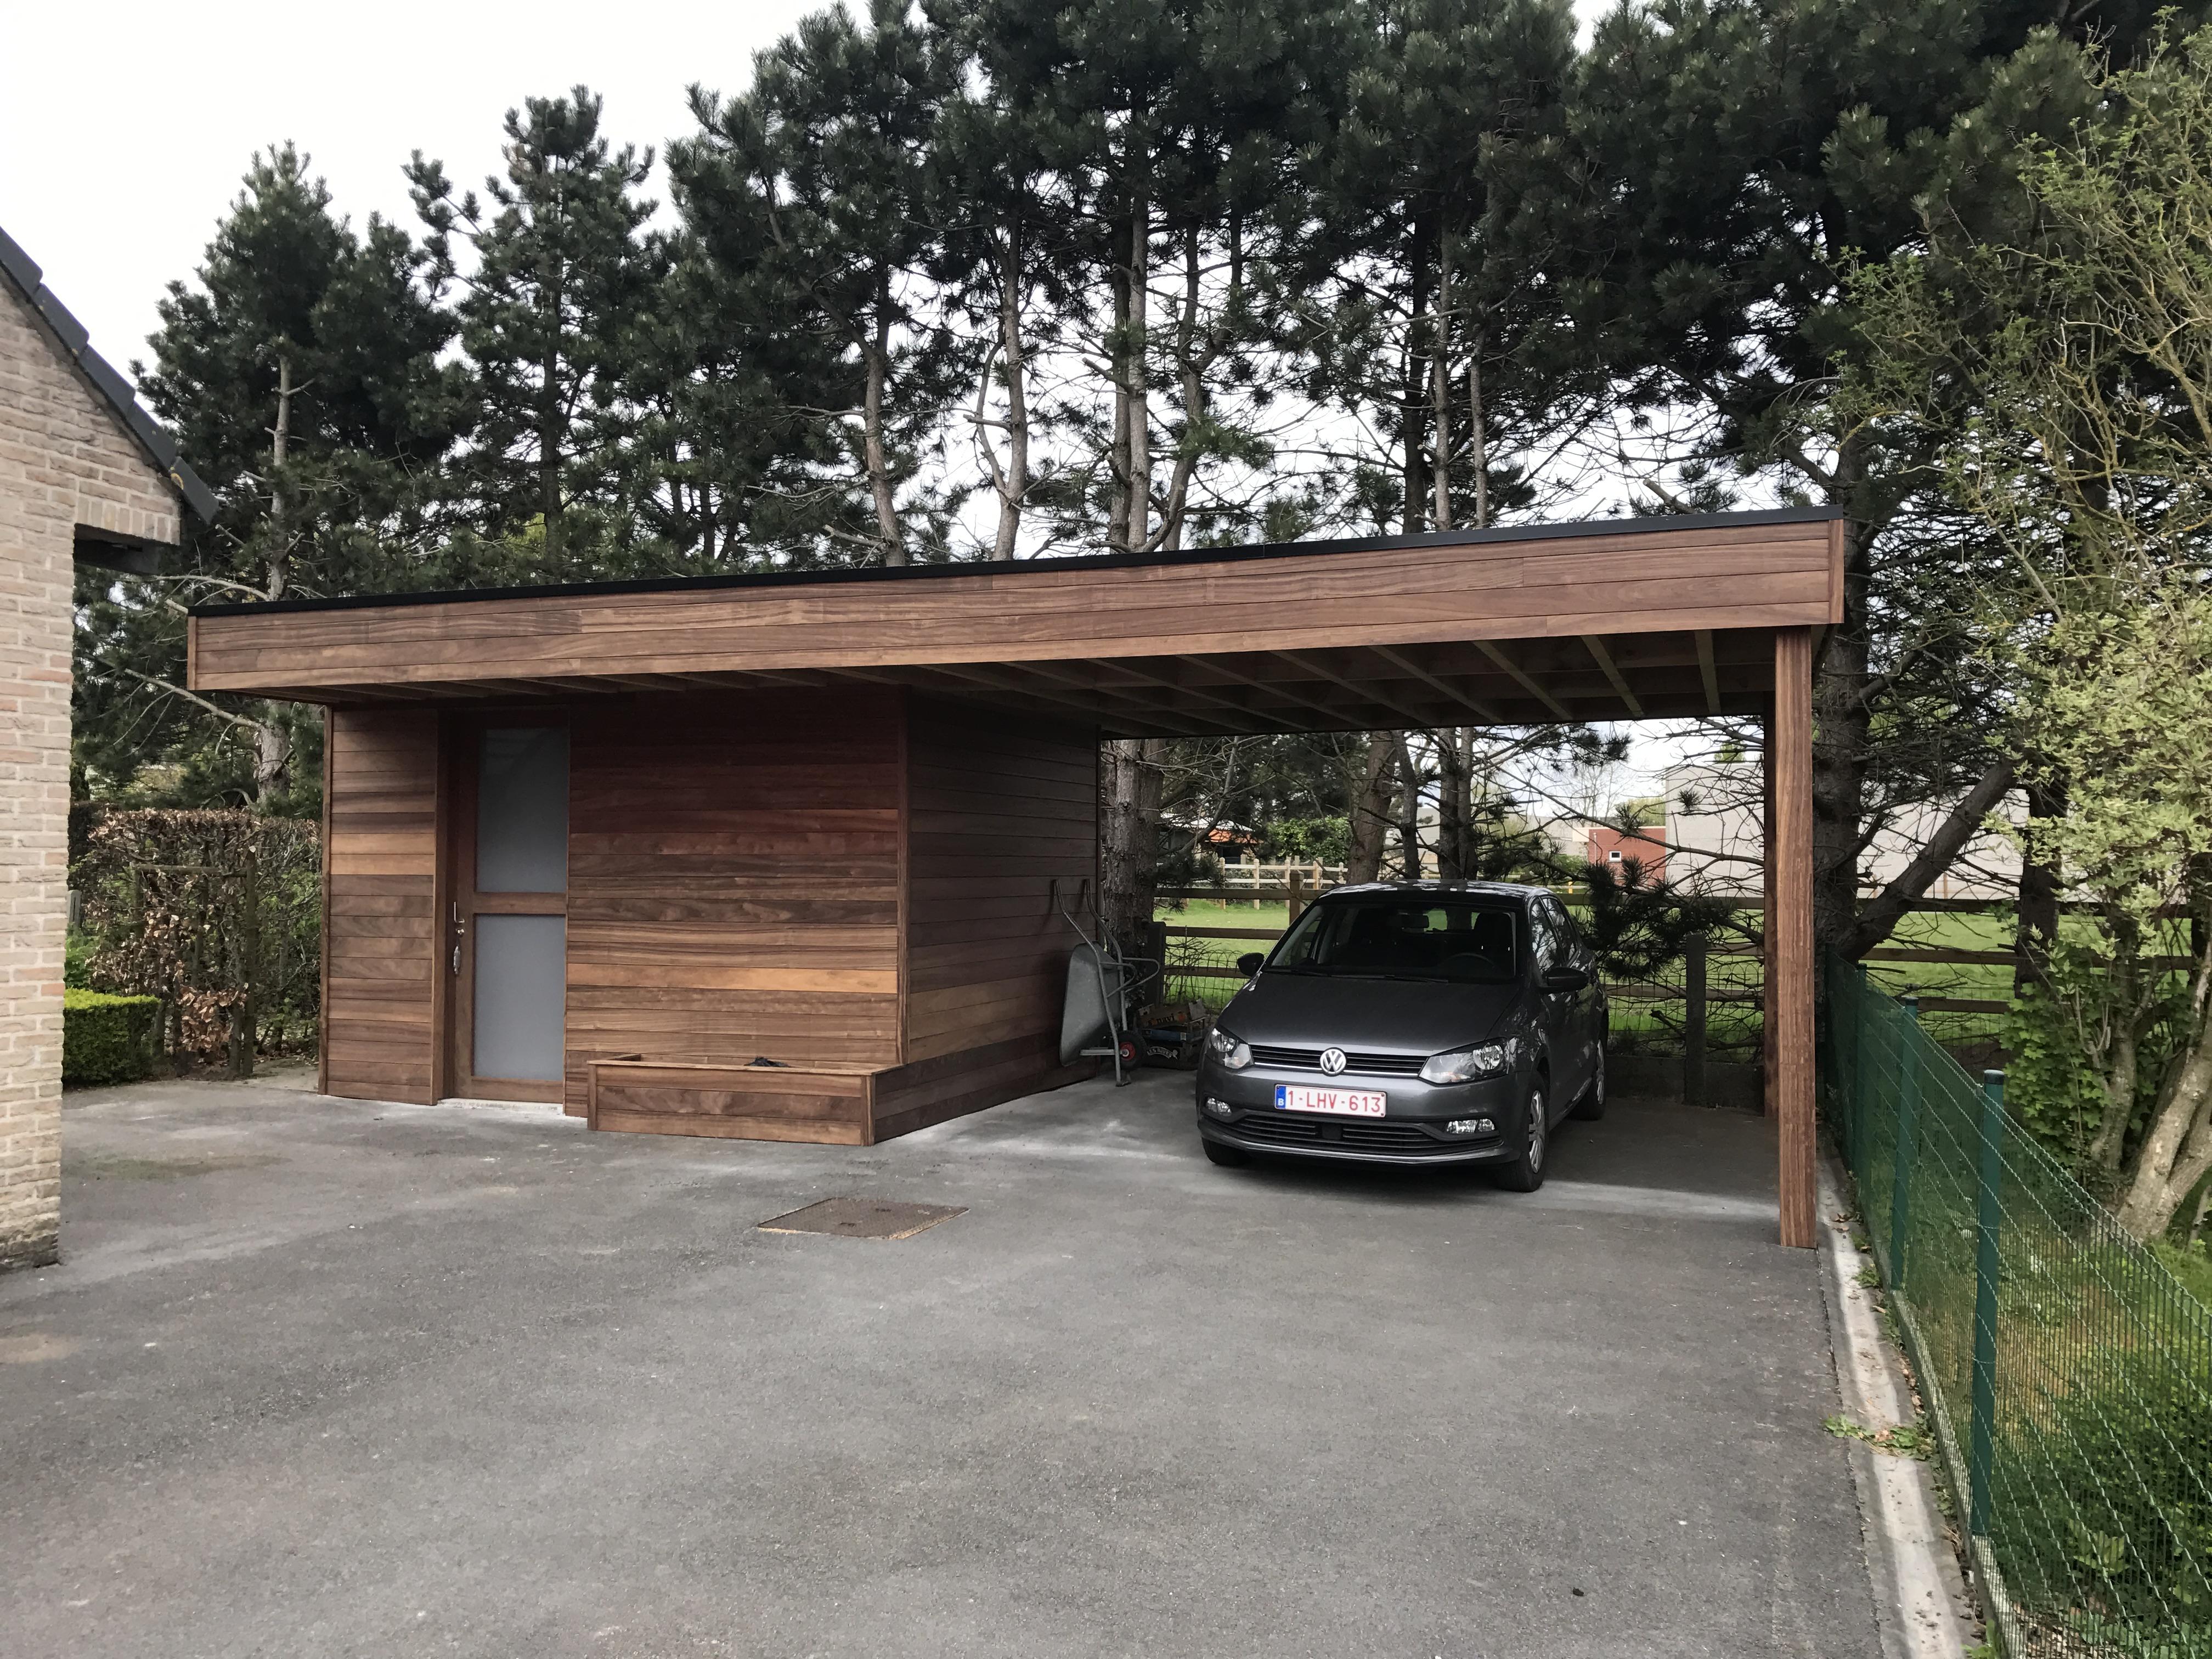 plat of hellend dak de mogelijkheden voor een carport zijn heel divers houtconstructie desmyter kijkt wat u nodig heeft en wij bekijken samen wat de